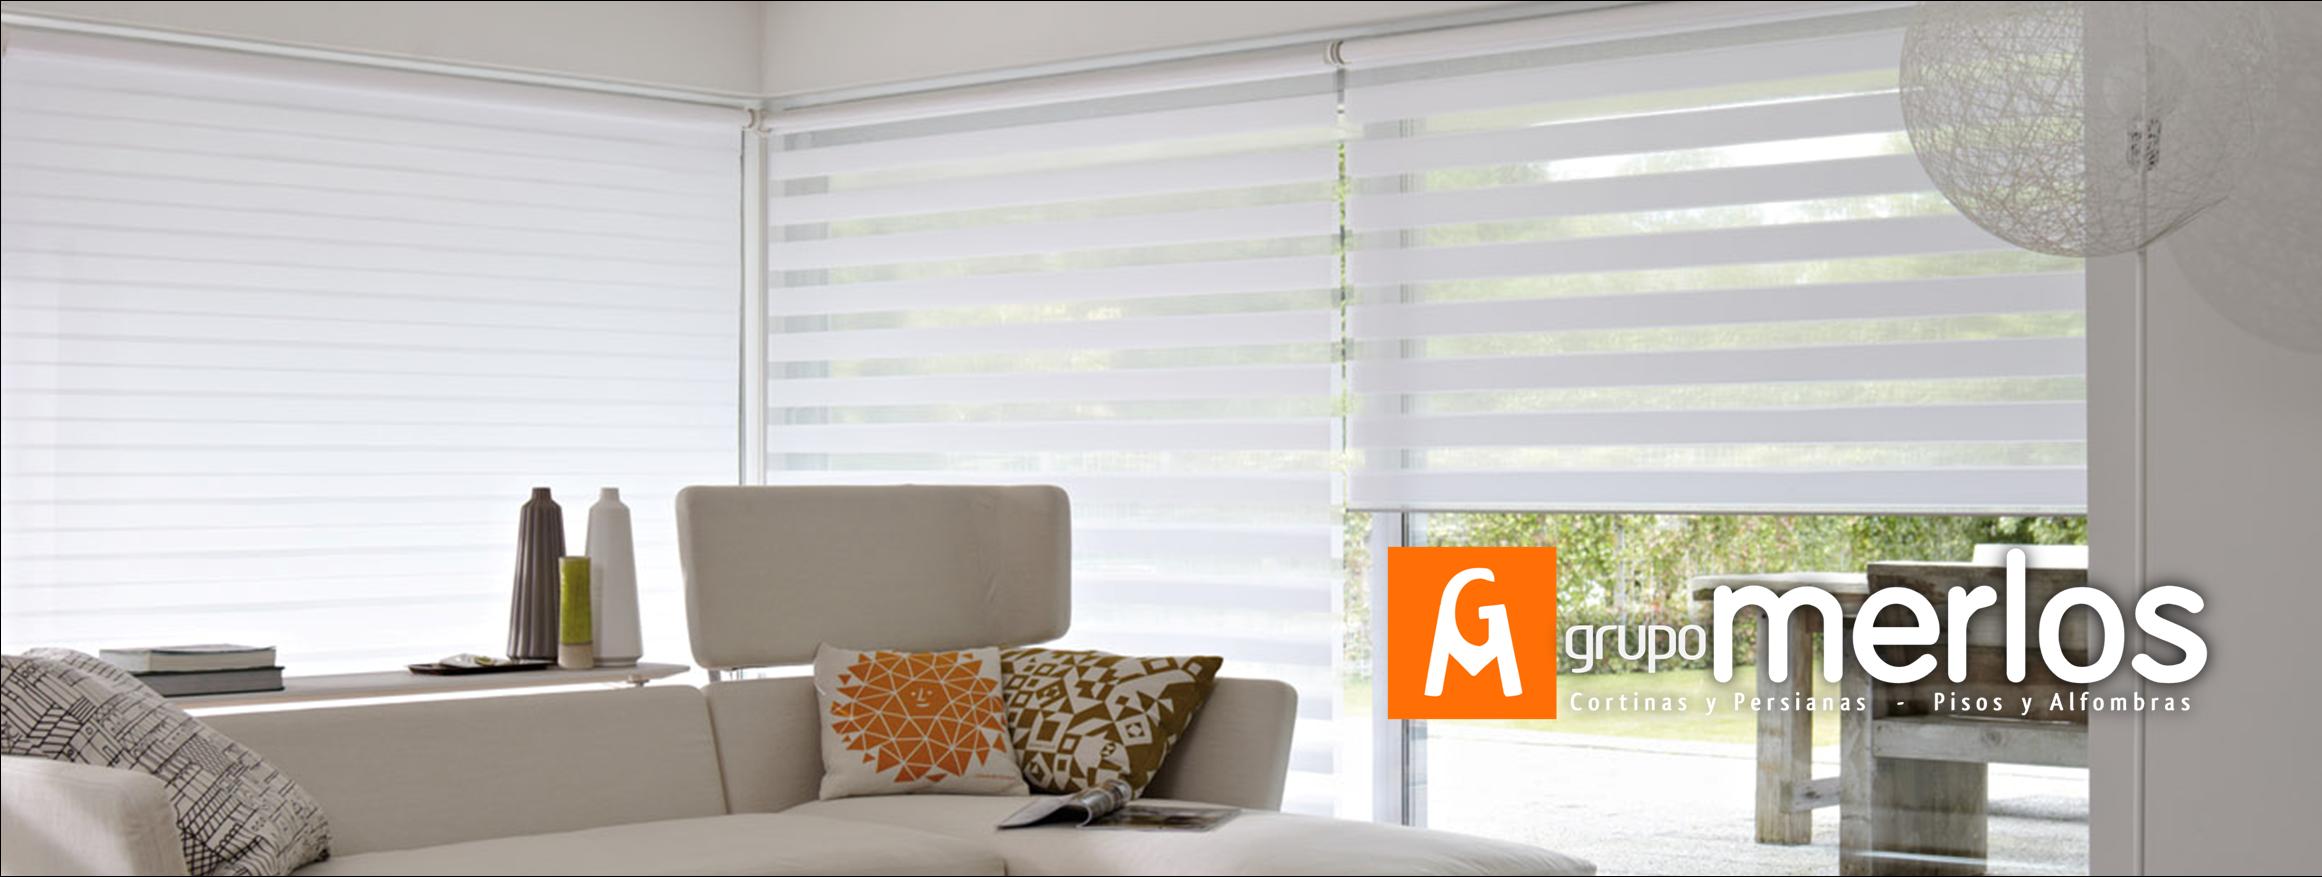 Grupo merlos cortinas y persianas quer taro - Persianas y cortinas ...